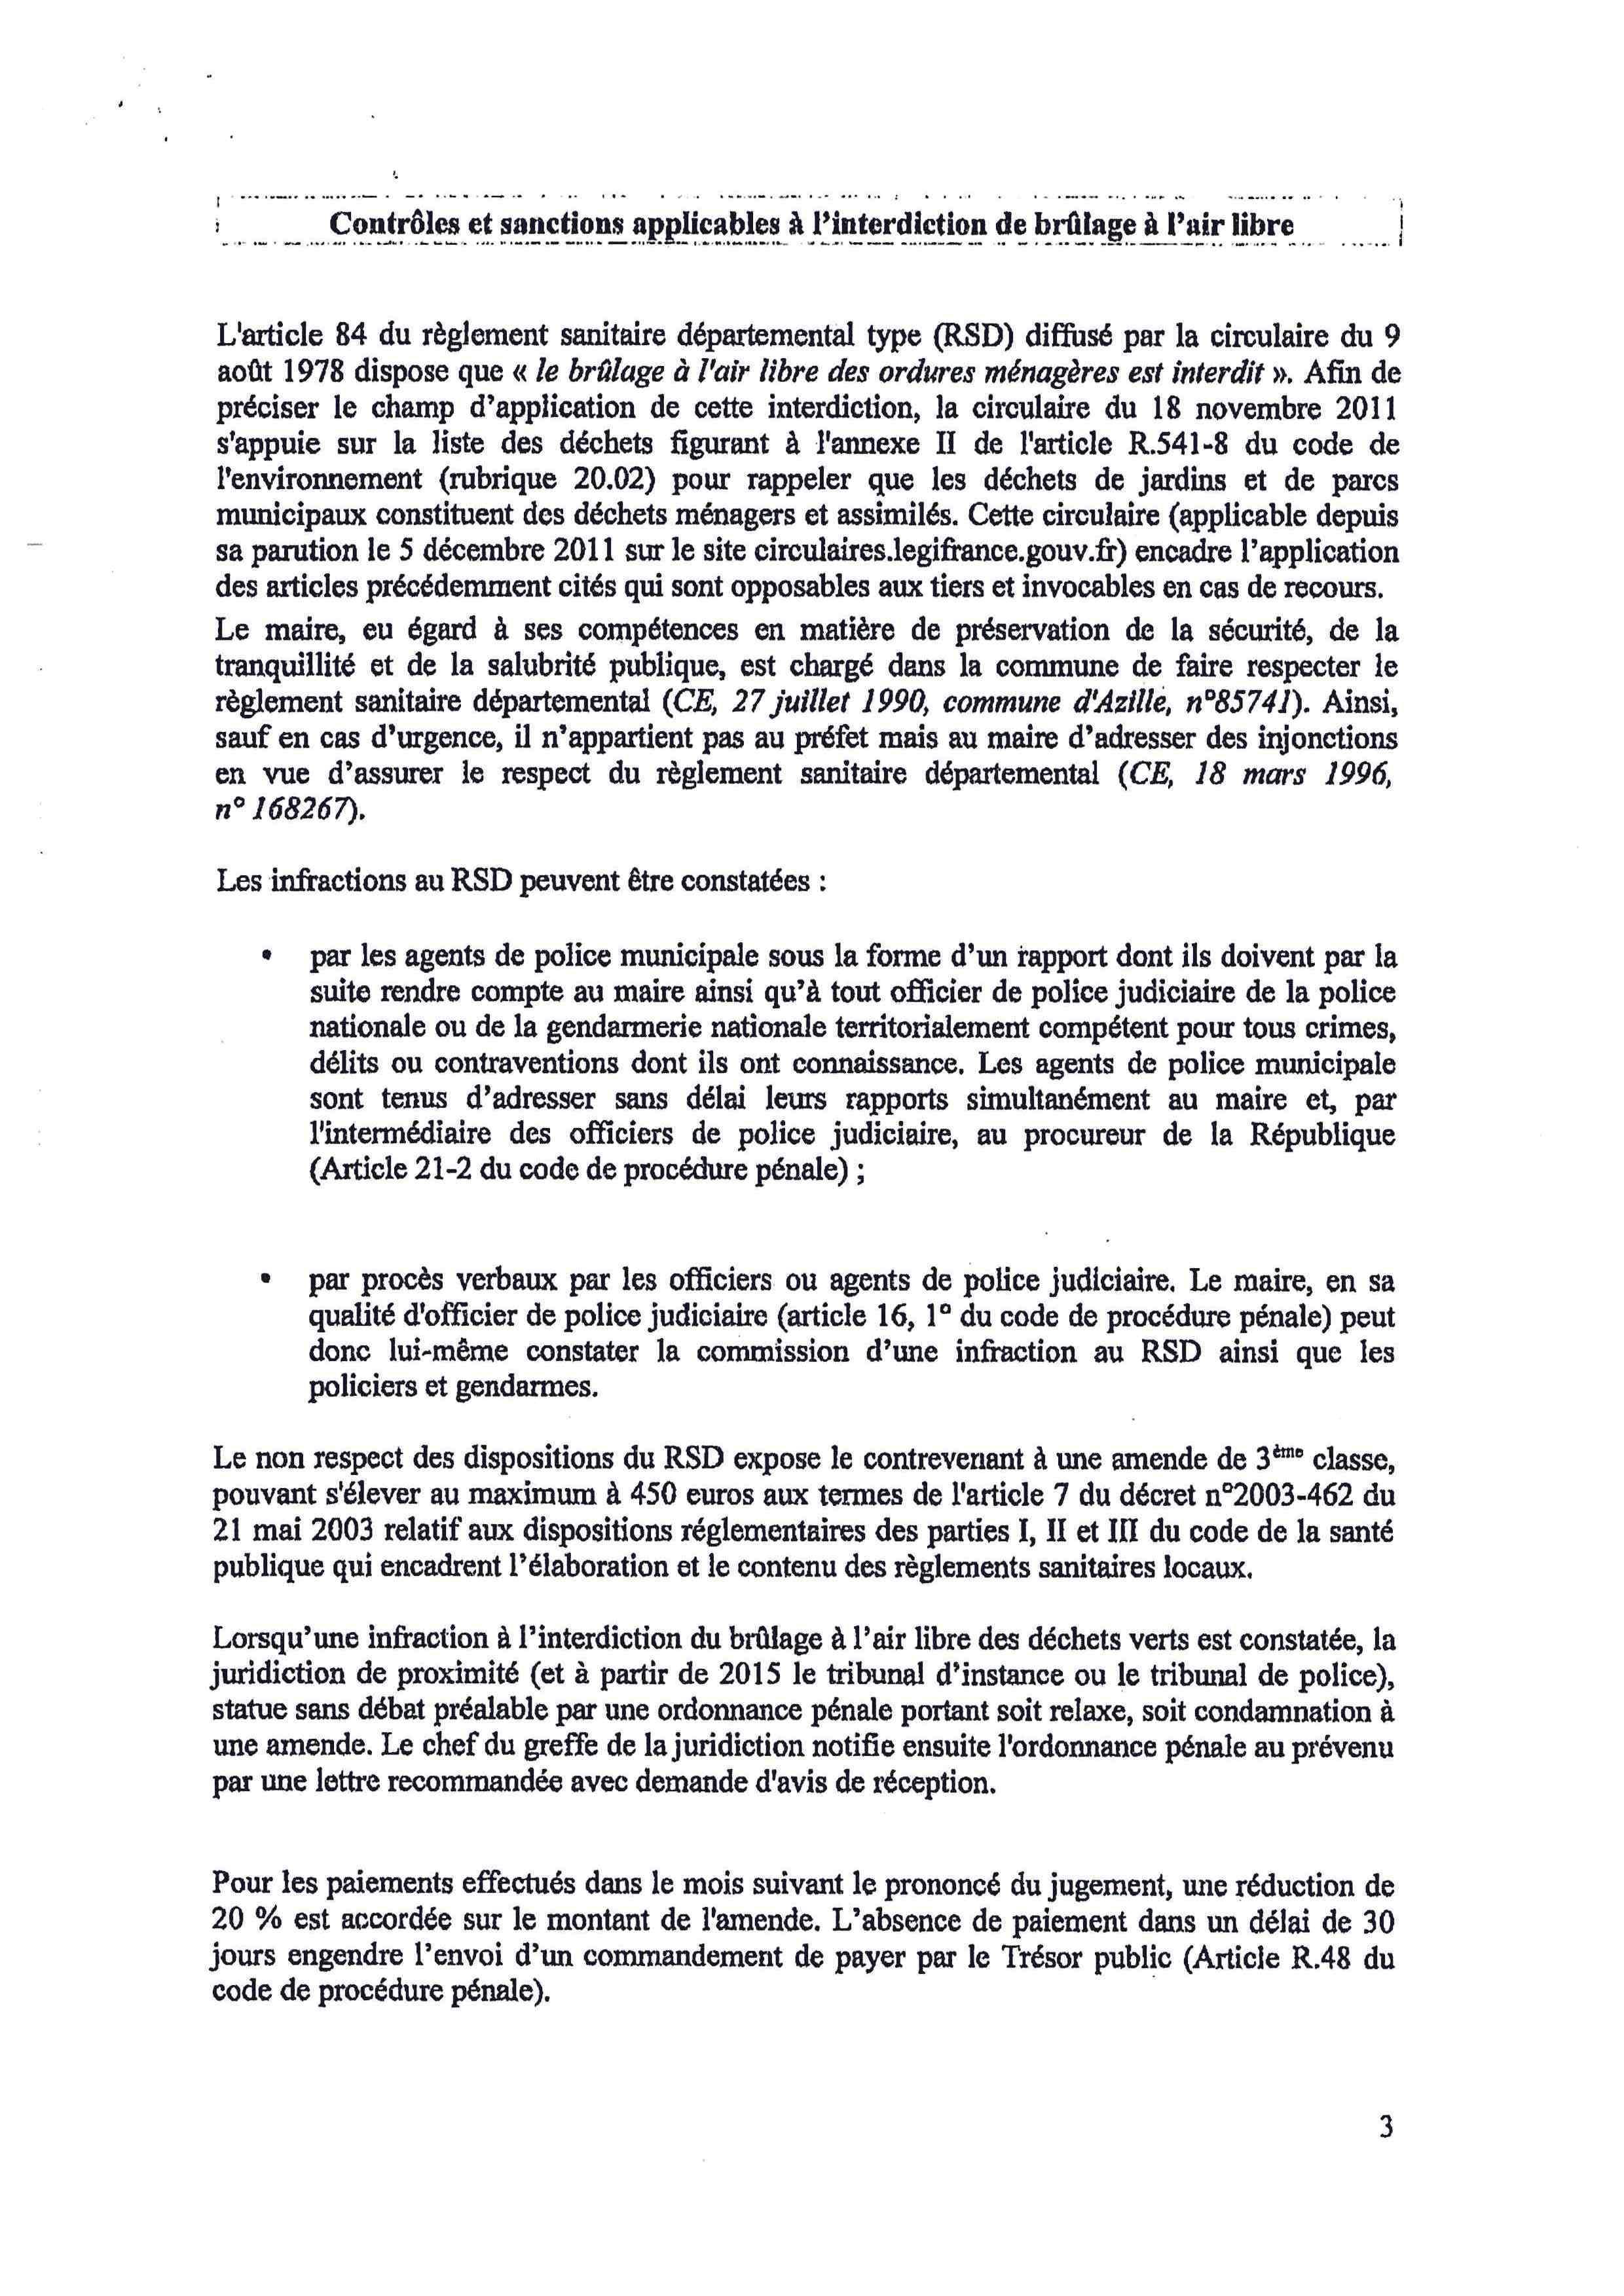 controle-et-sanctions-applicables-a-l-interdiction-de-brulage-a-l-air-libre